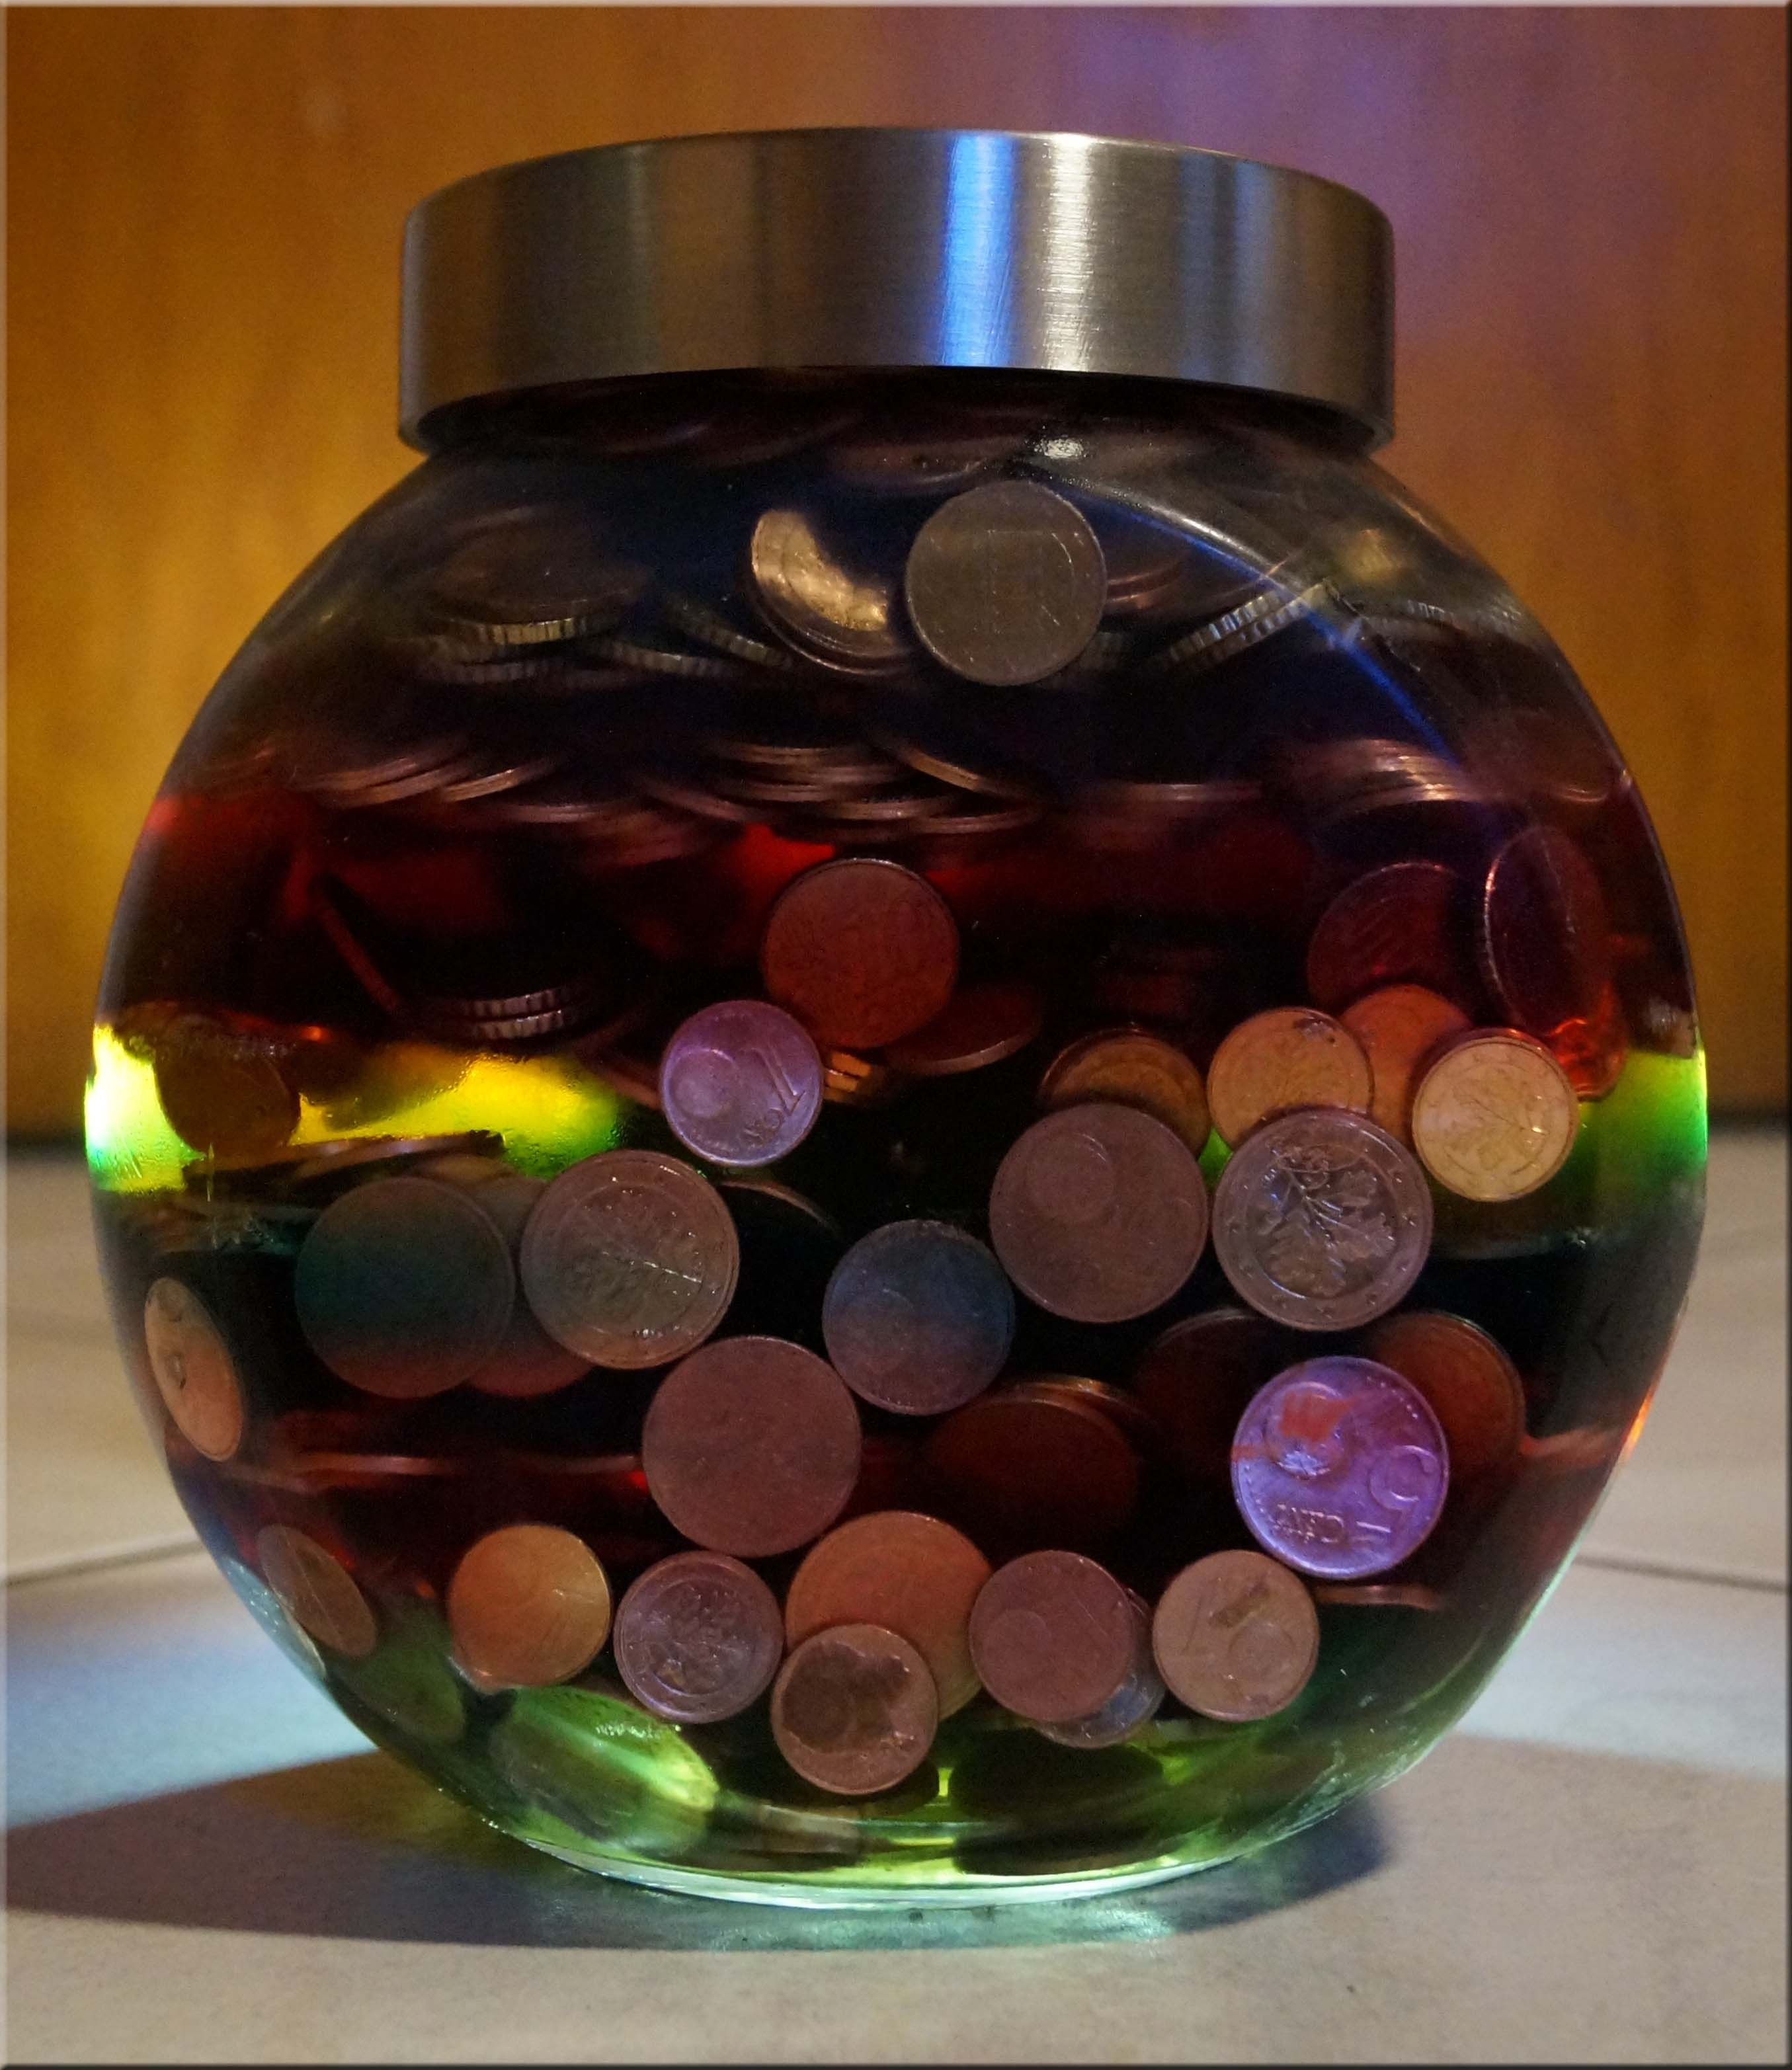 Ein Glas Mit Deckel Gefullt Mit 1 2 5 10 Und 20 Cent Stucken Und